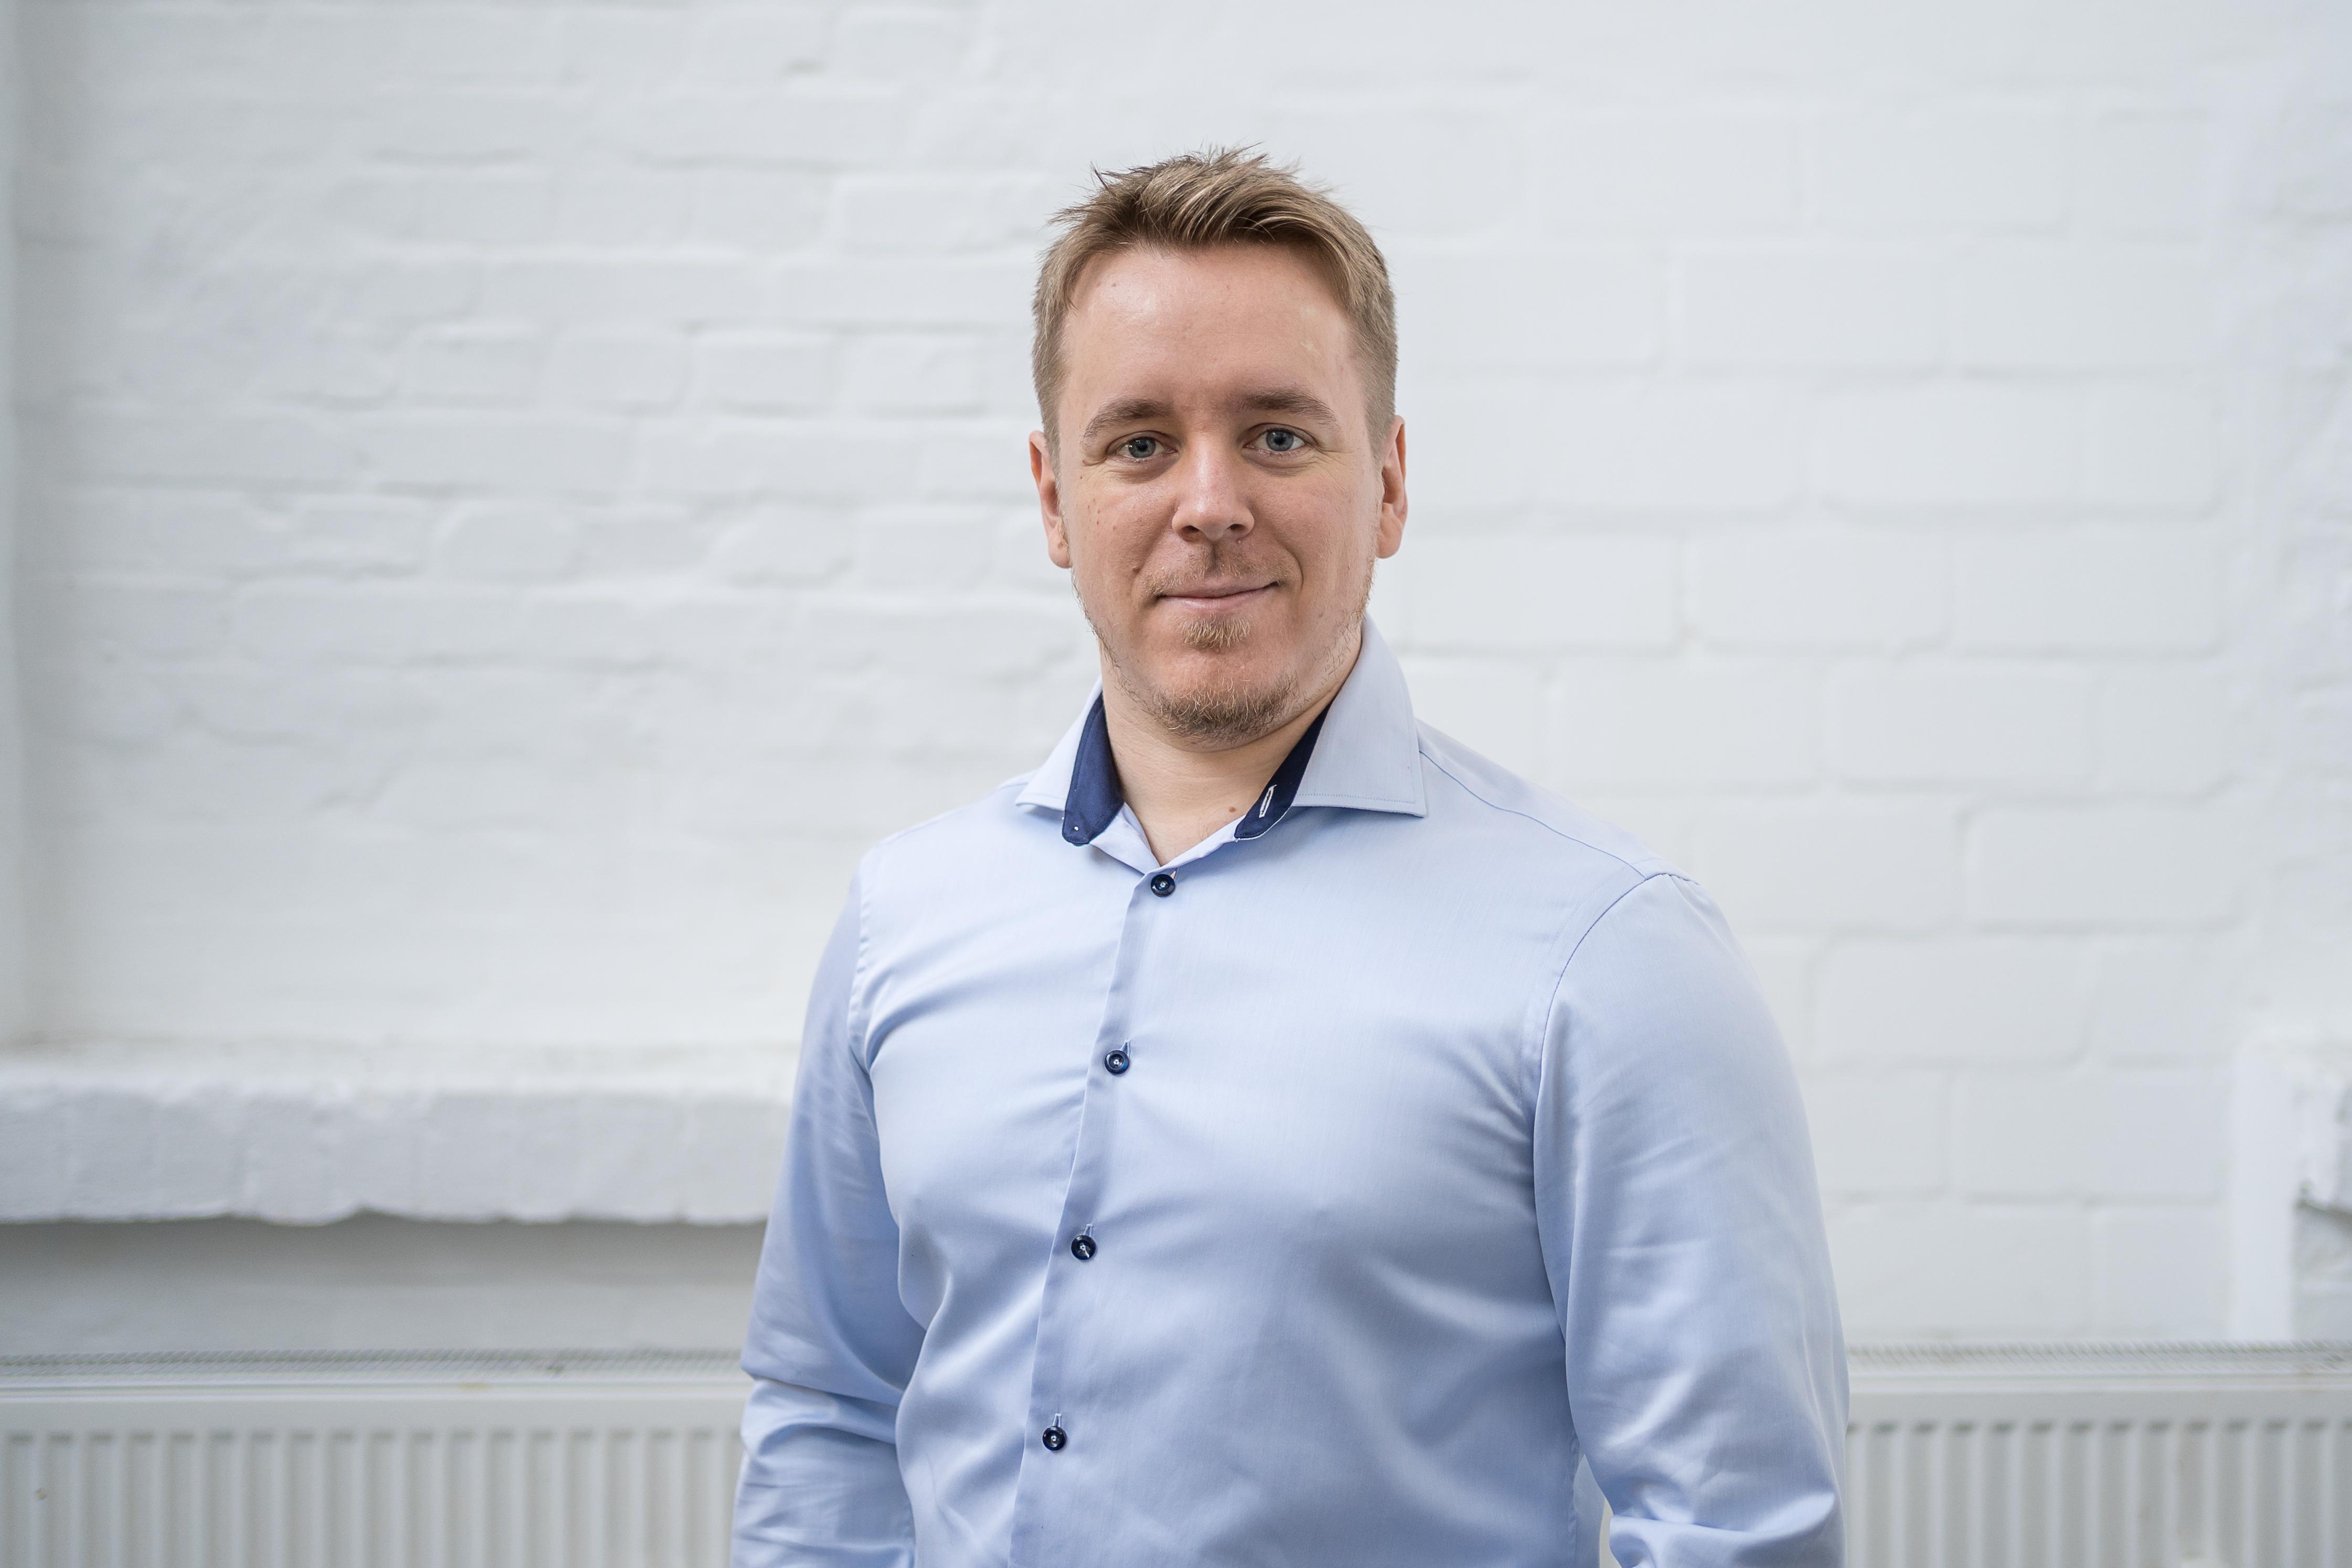 Semalytix Co-Founder Janik Jaskolski